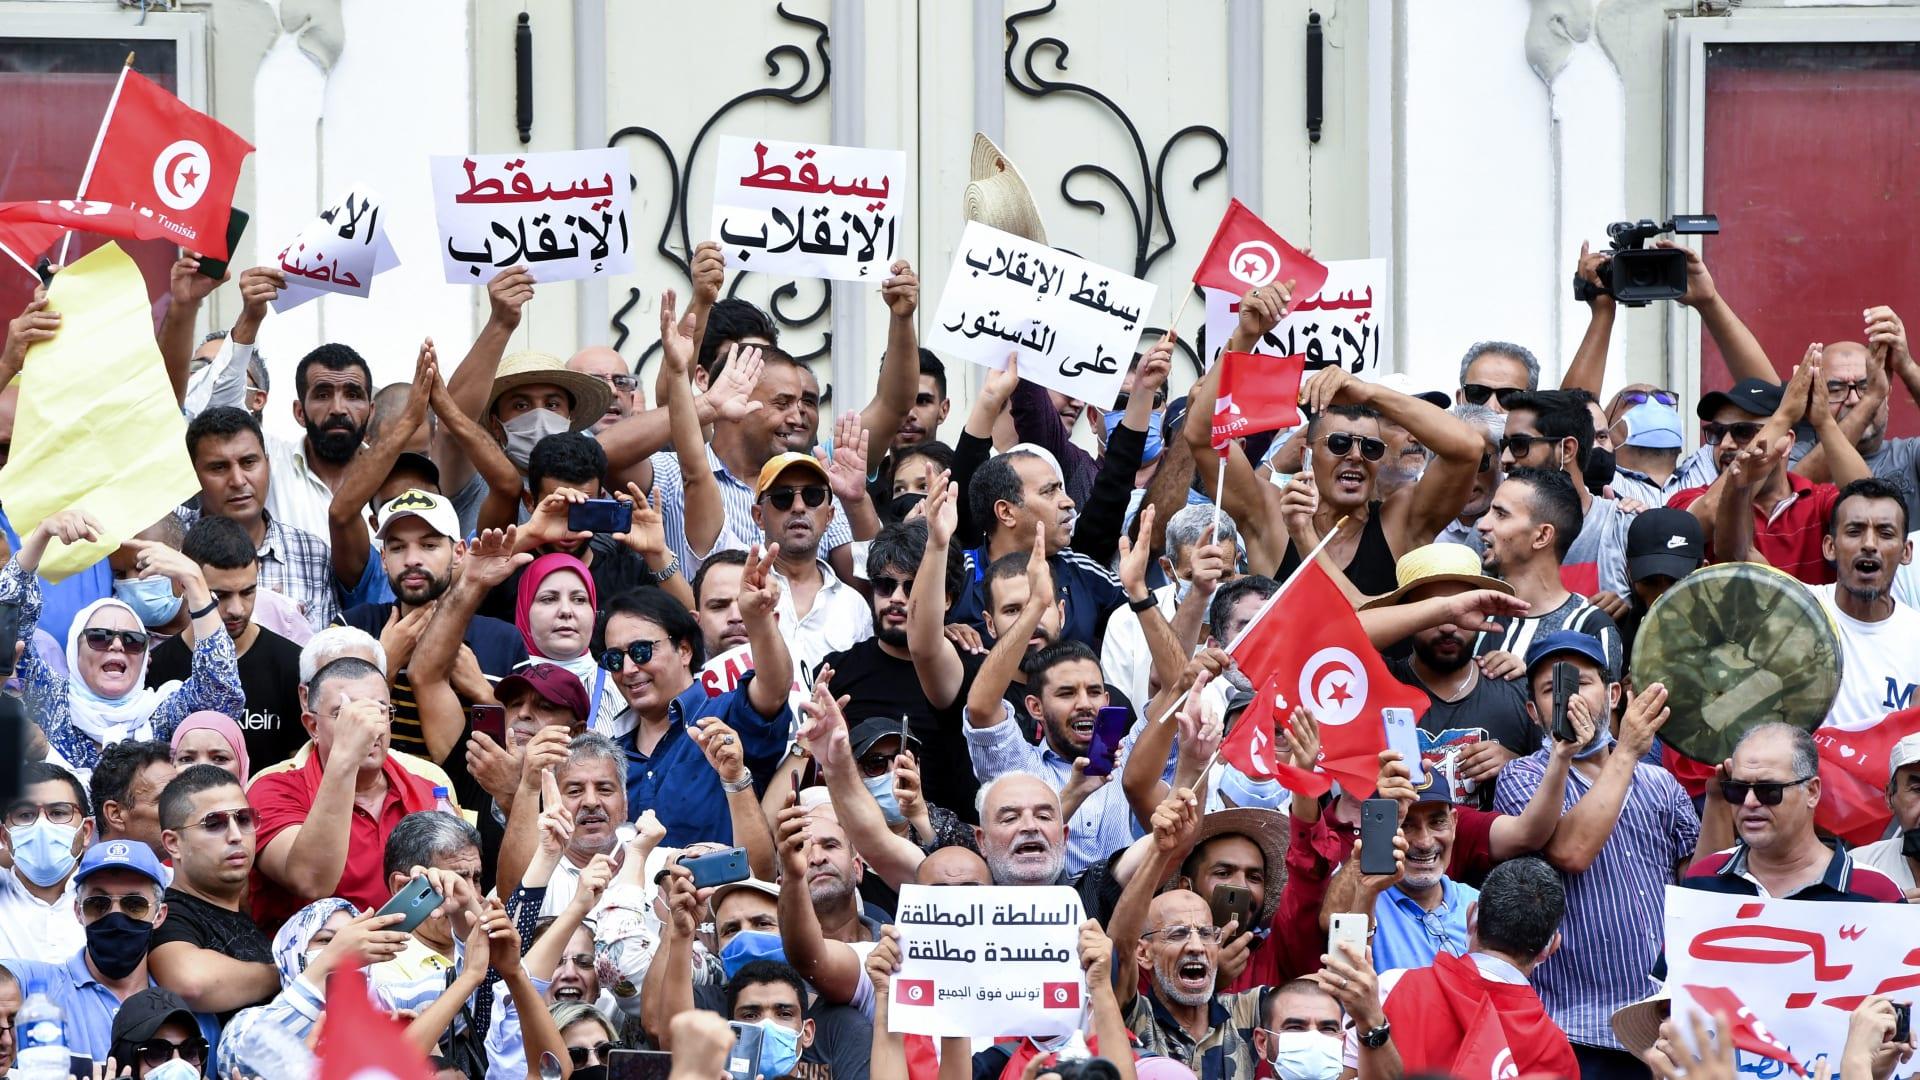 تونس: مظاهرة ضد قرارات قيس سعيد تطالب بالعودة إلى الديمقراطية